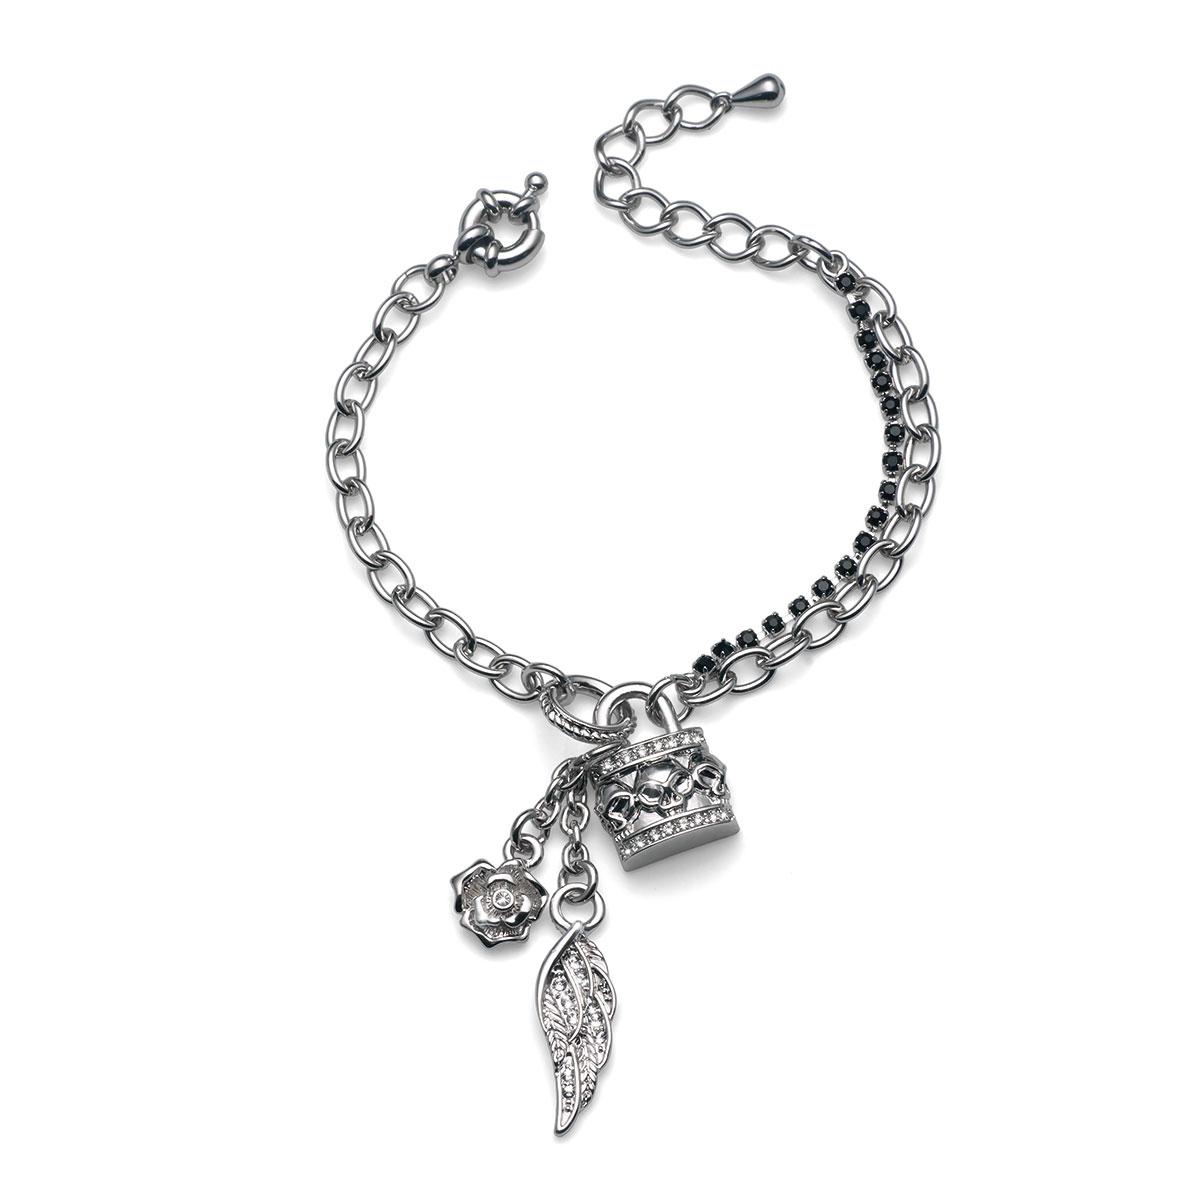 دستبند کریستال مدل کاریب